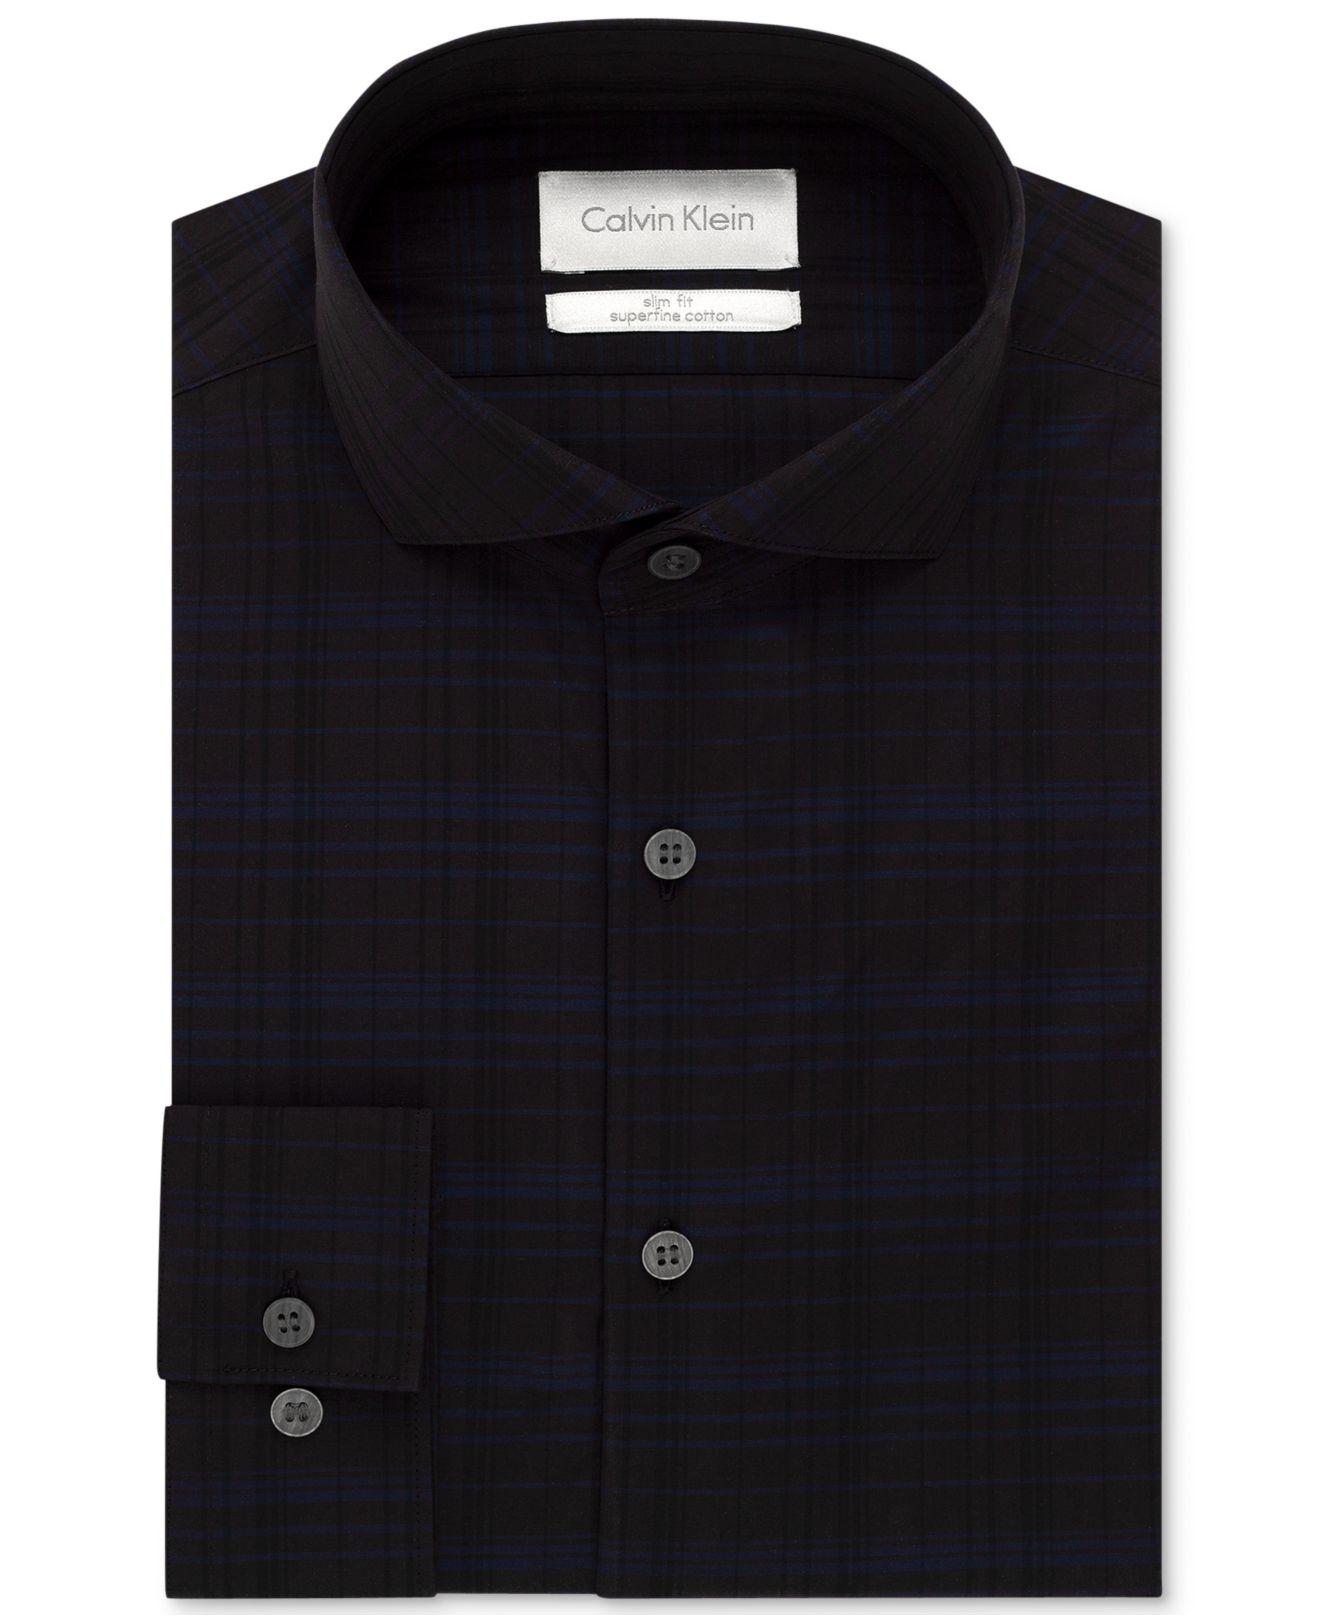 Lyst Calvin Klein Platinum Slim Fit Midnight Grid Dress Shirt In